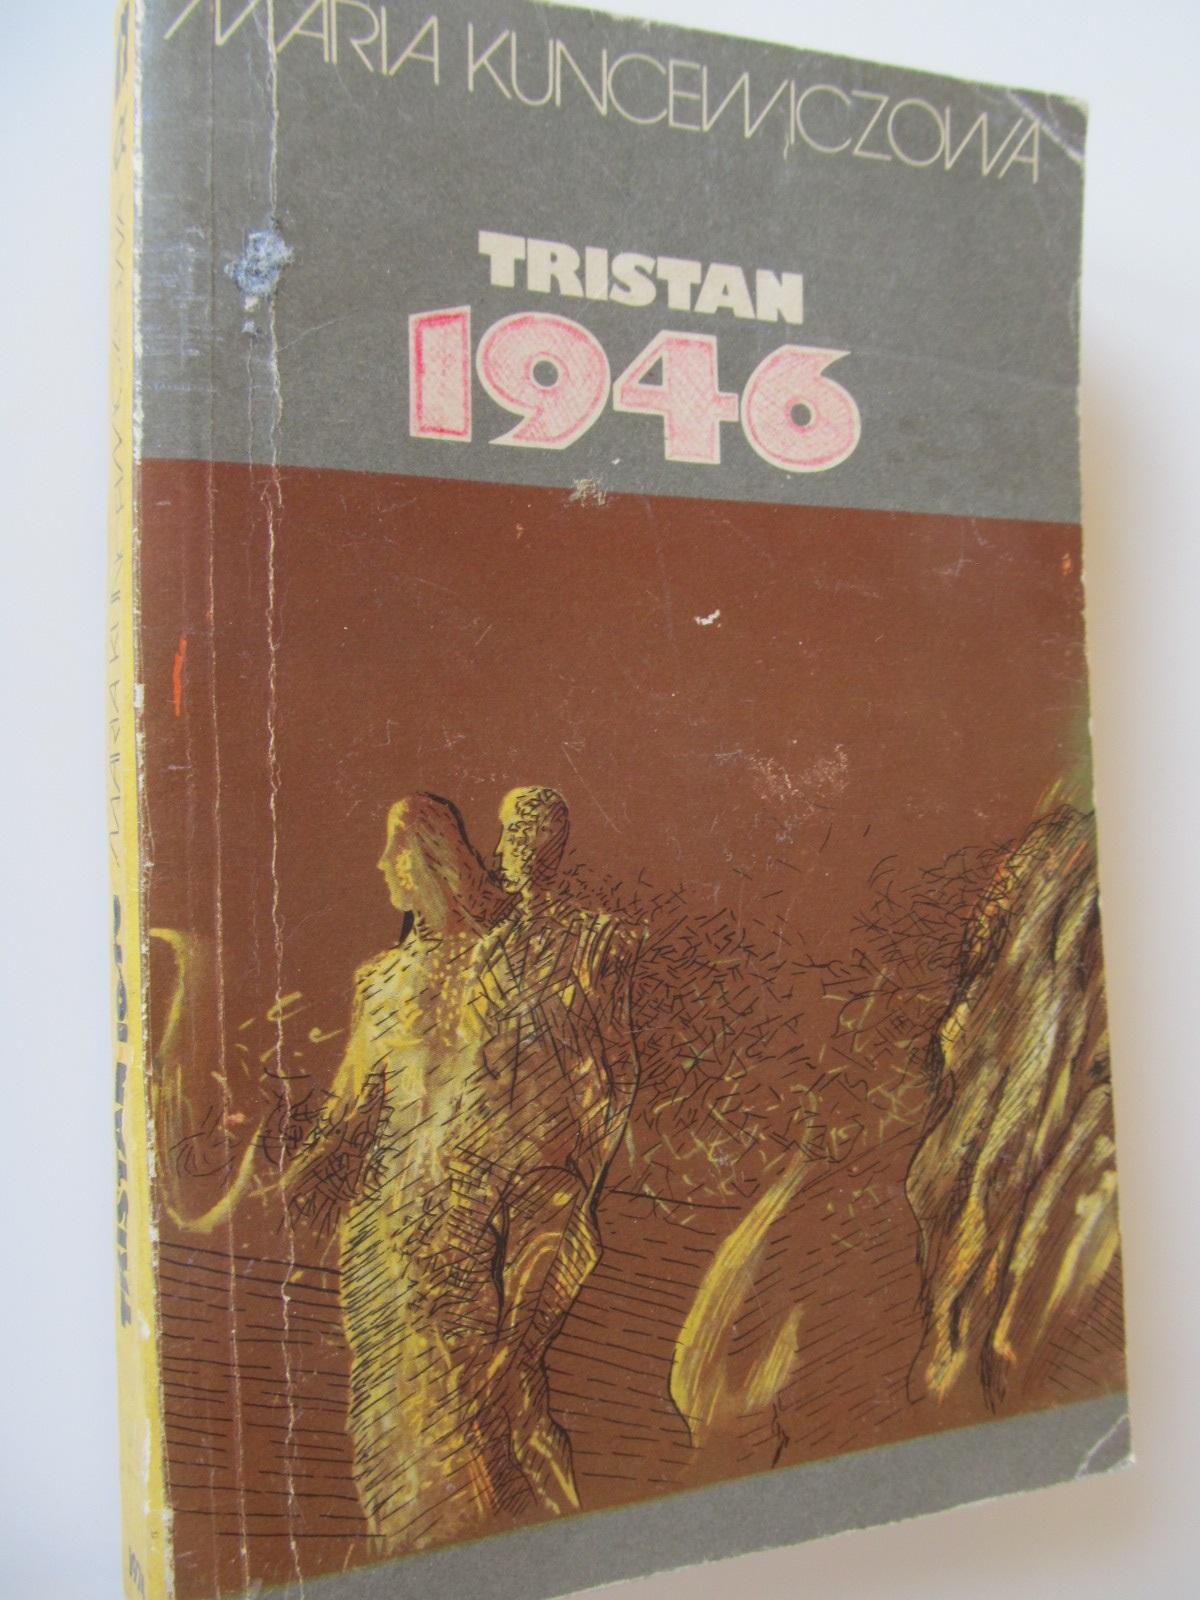 Carte Tristan 1946 - Maria Kuncewiczowa